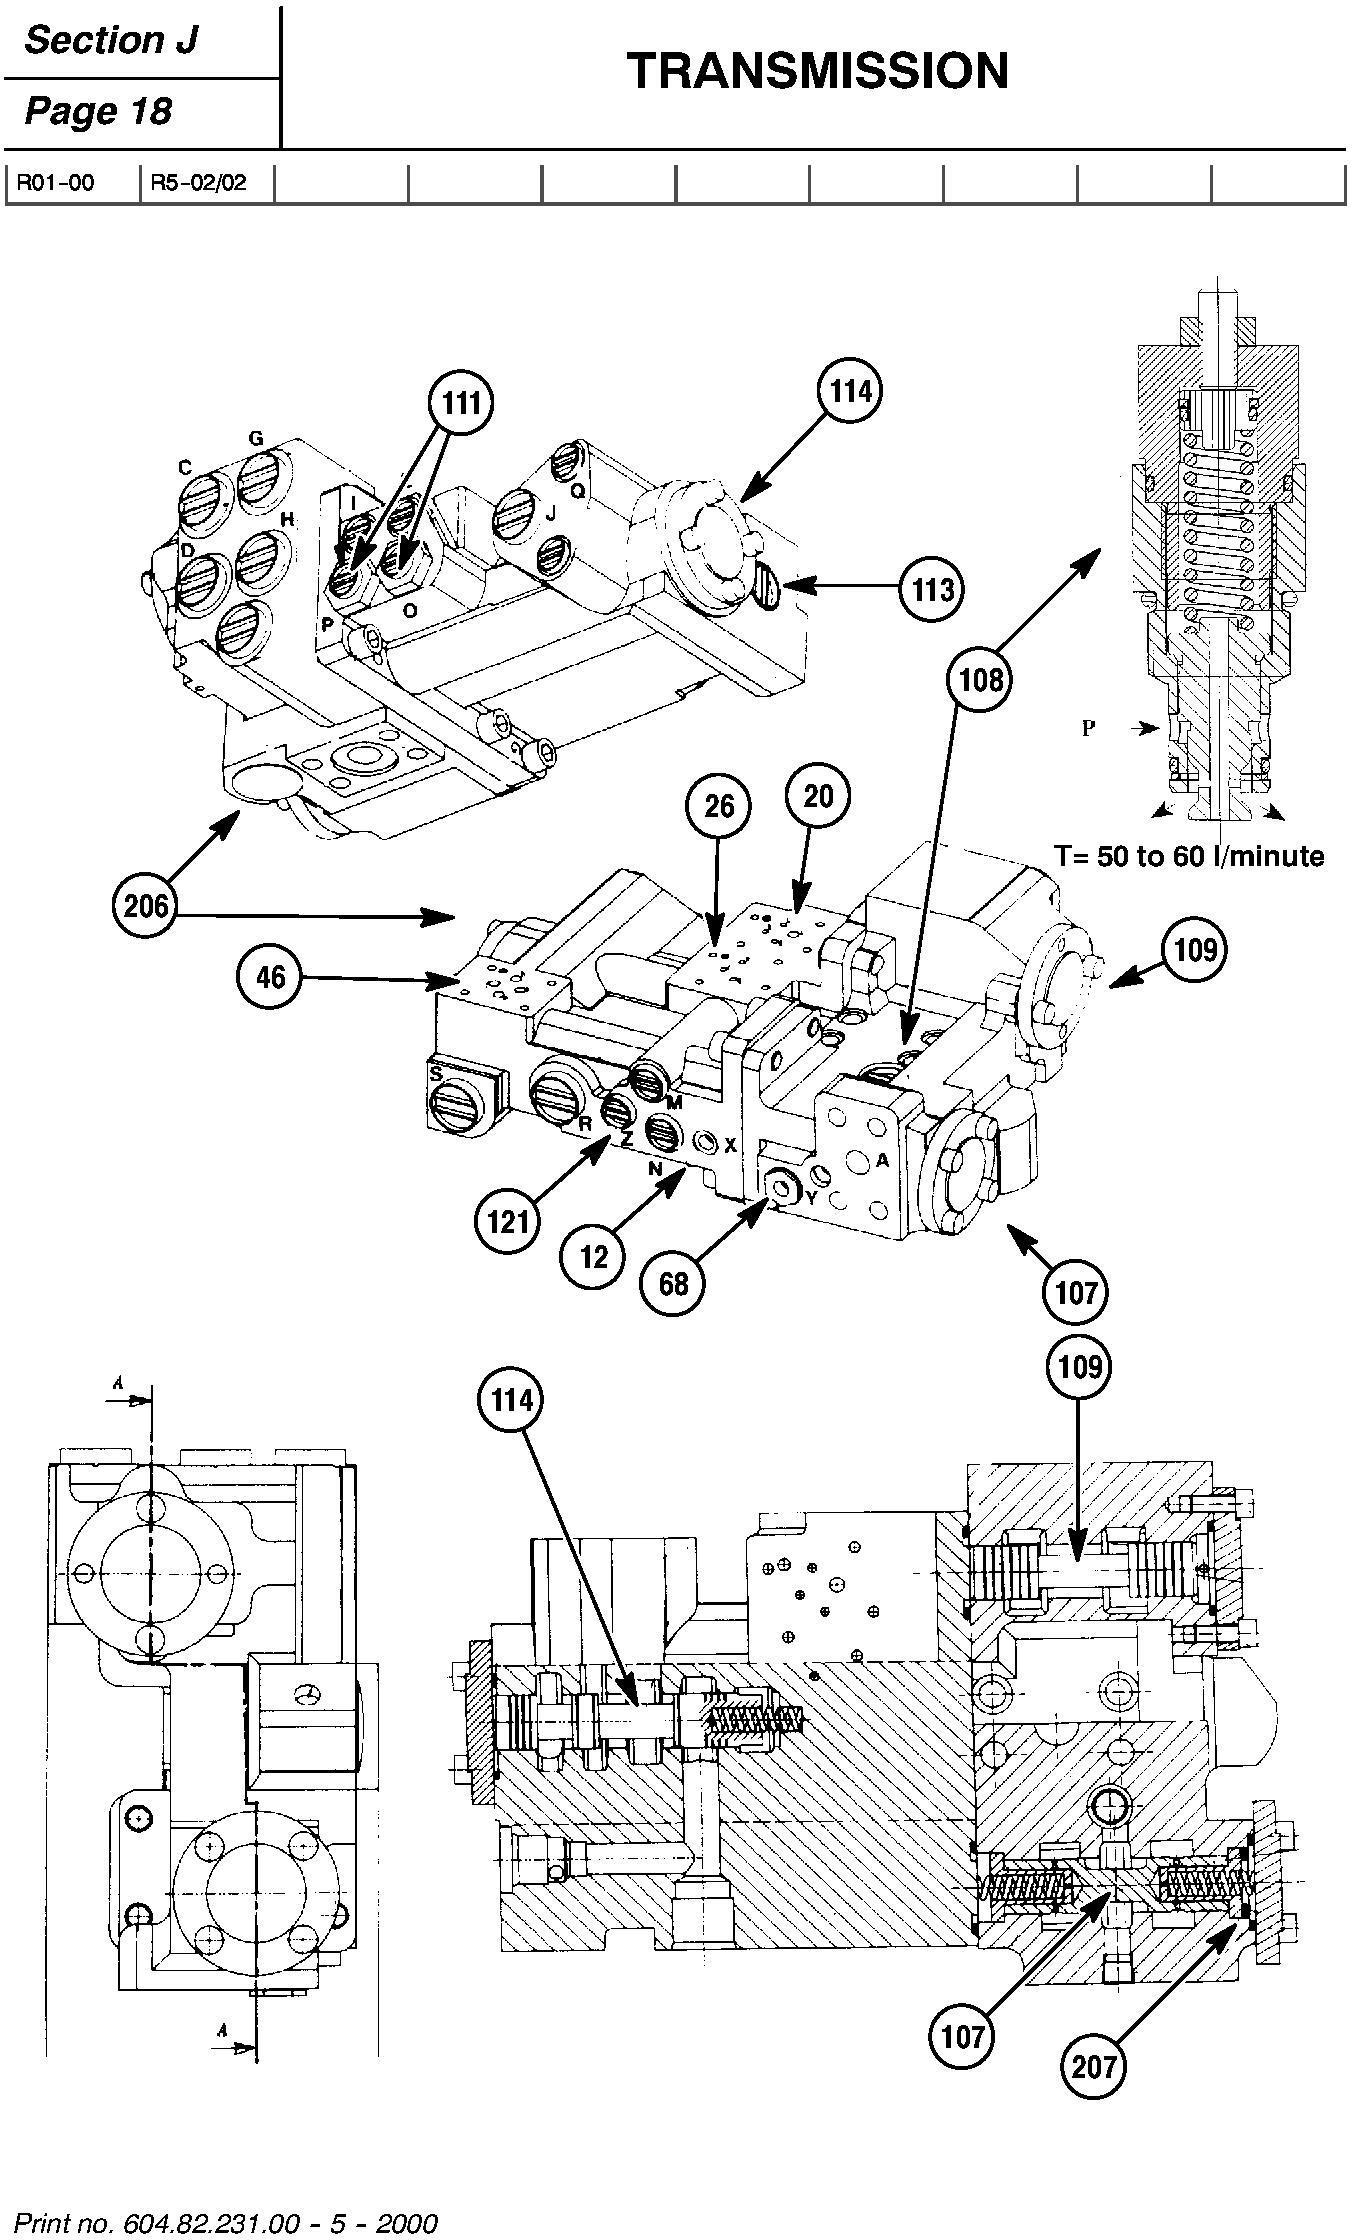 New Holland SB36, SB56, SB58, SB60, SB62, SB64 Grape Harvester Service Manual - 2